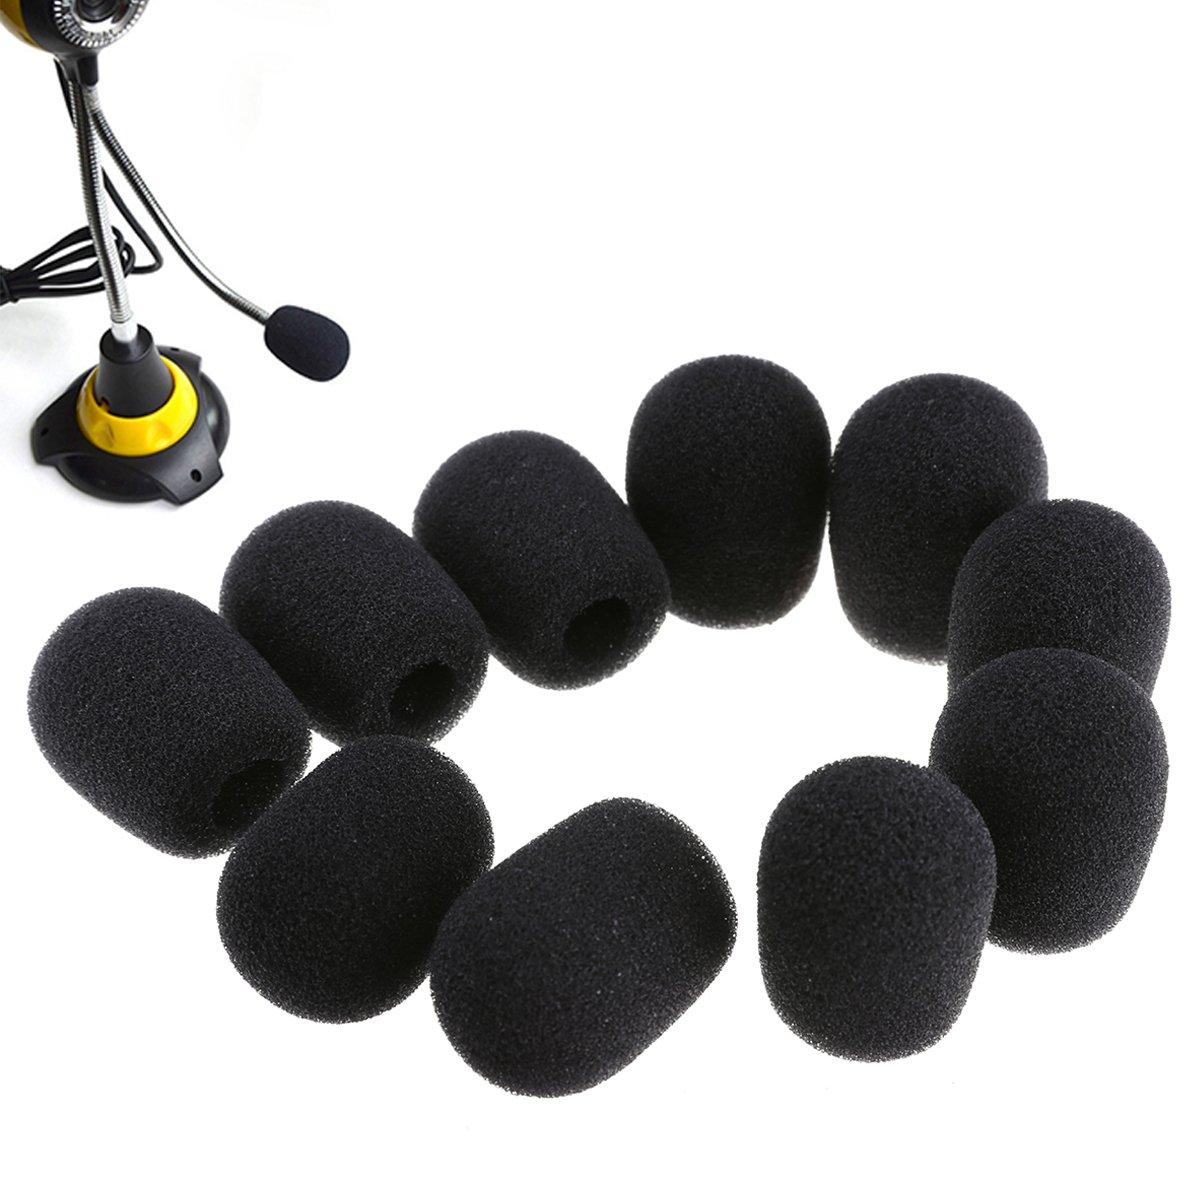 20 Stück Mini Mikrofon Windschutzscheibe Schaum Abdeckung , 30 x 8 mm EAGLESTIME